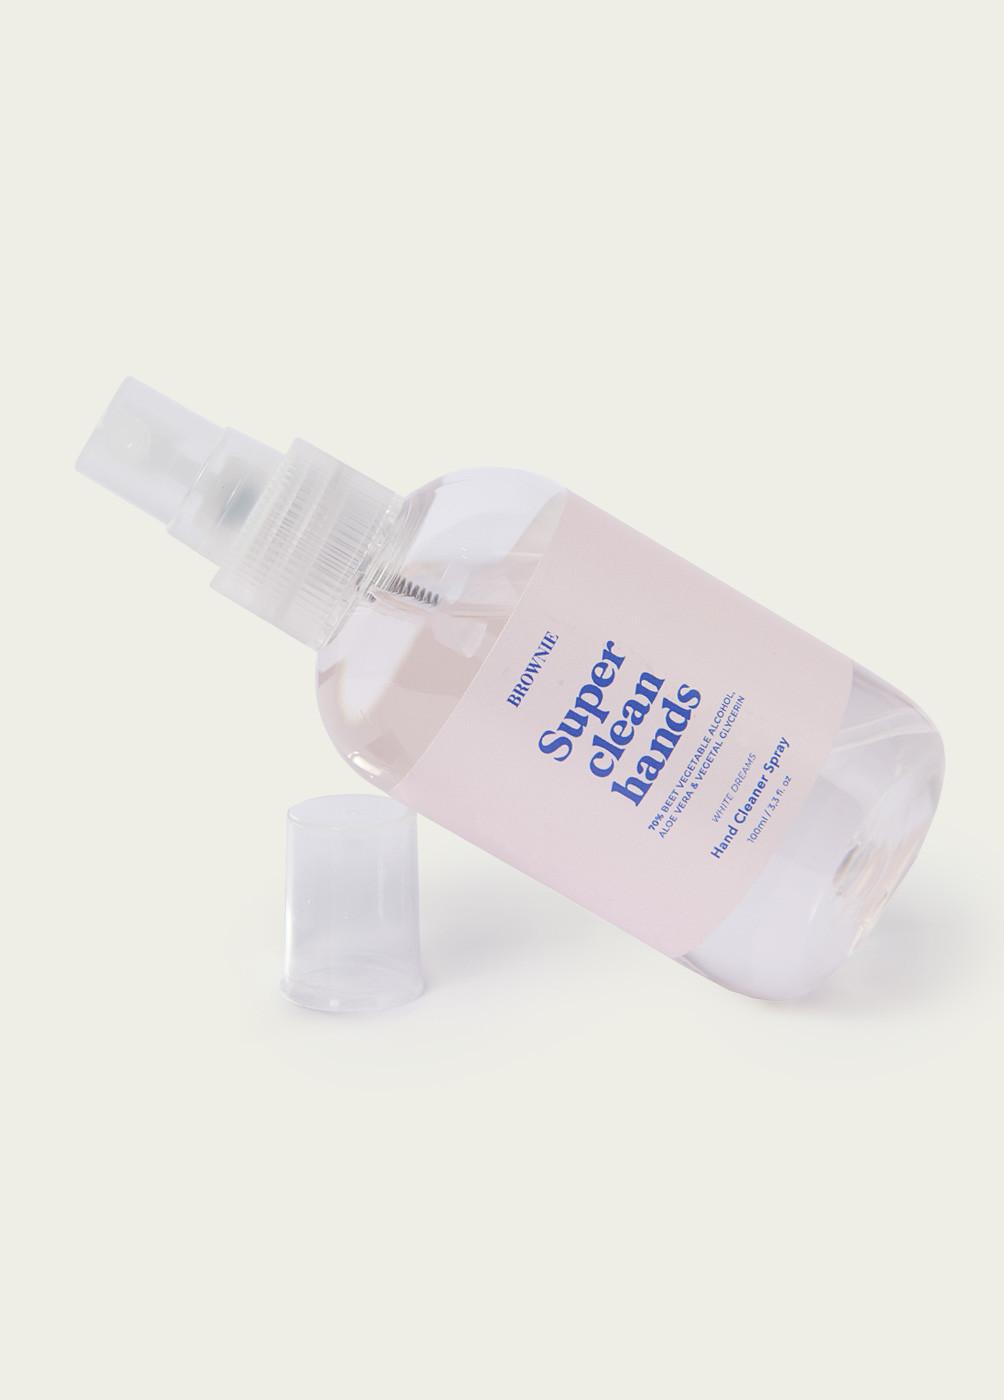 Spray Super Clean Hands